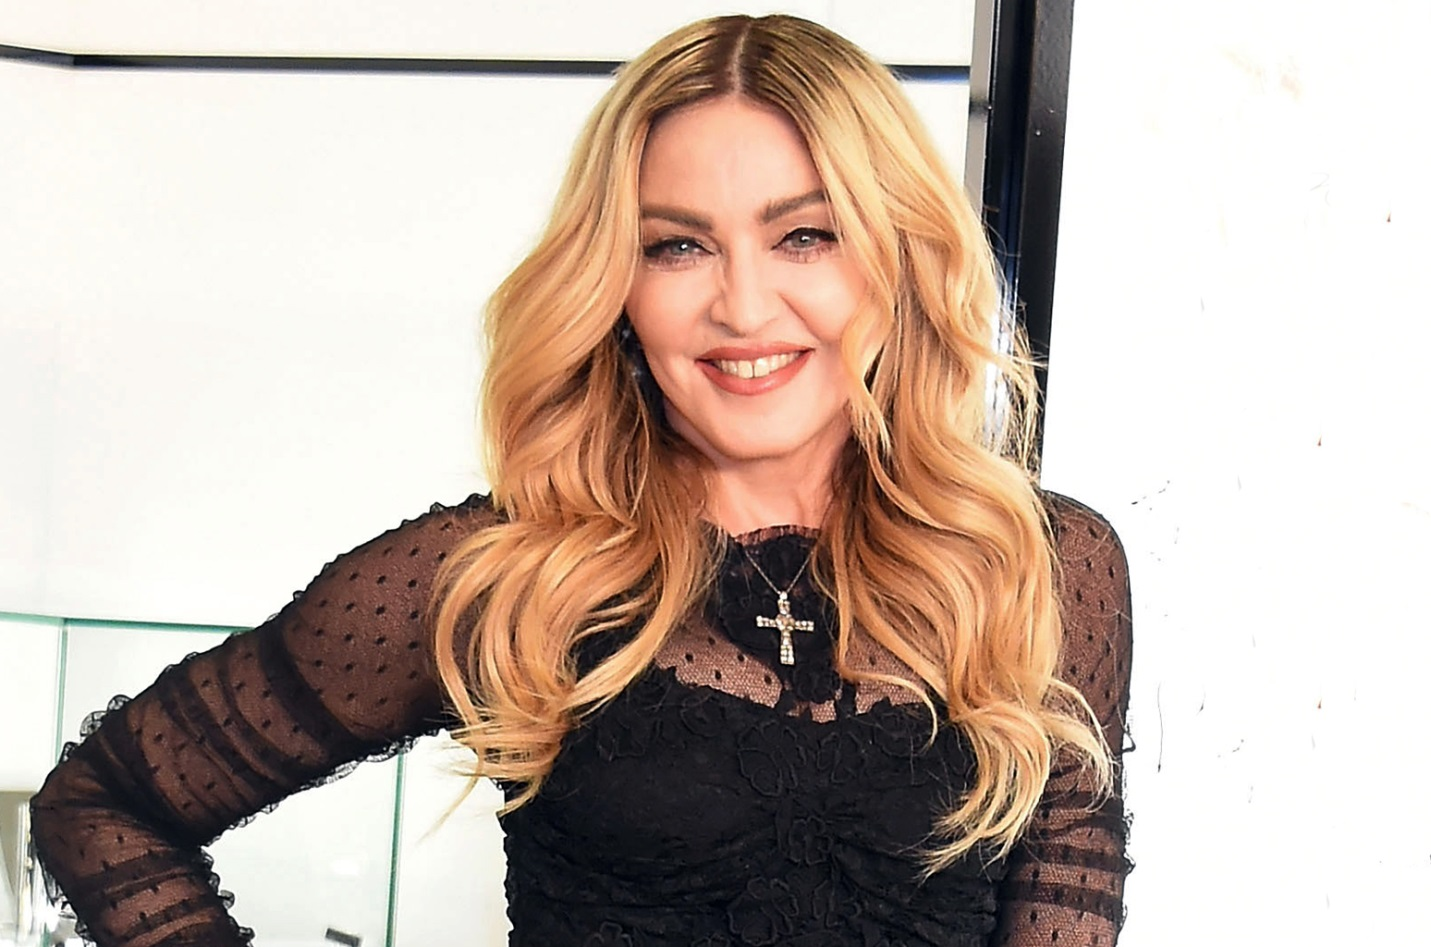 Дорогое удовольствие: Мадонна согласилась выступить на «Евровидении» за 1 миллион долларов